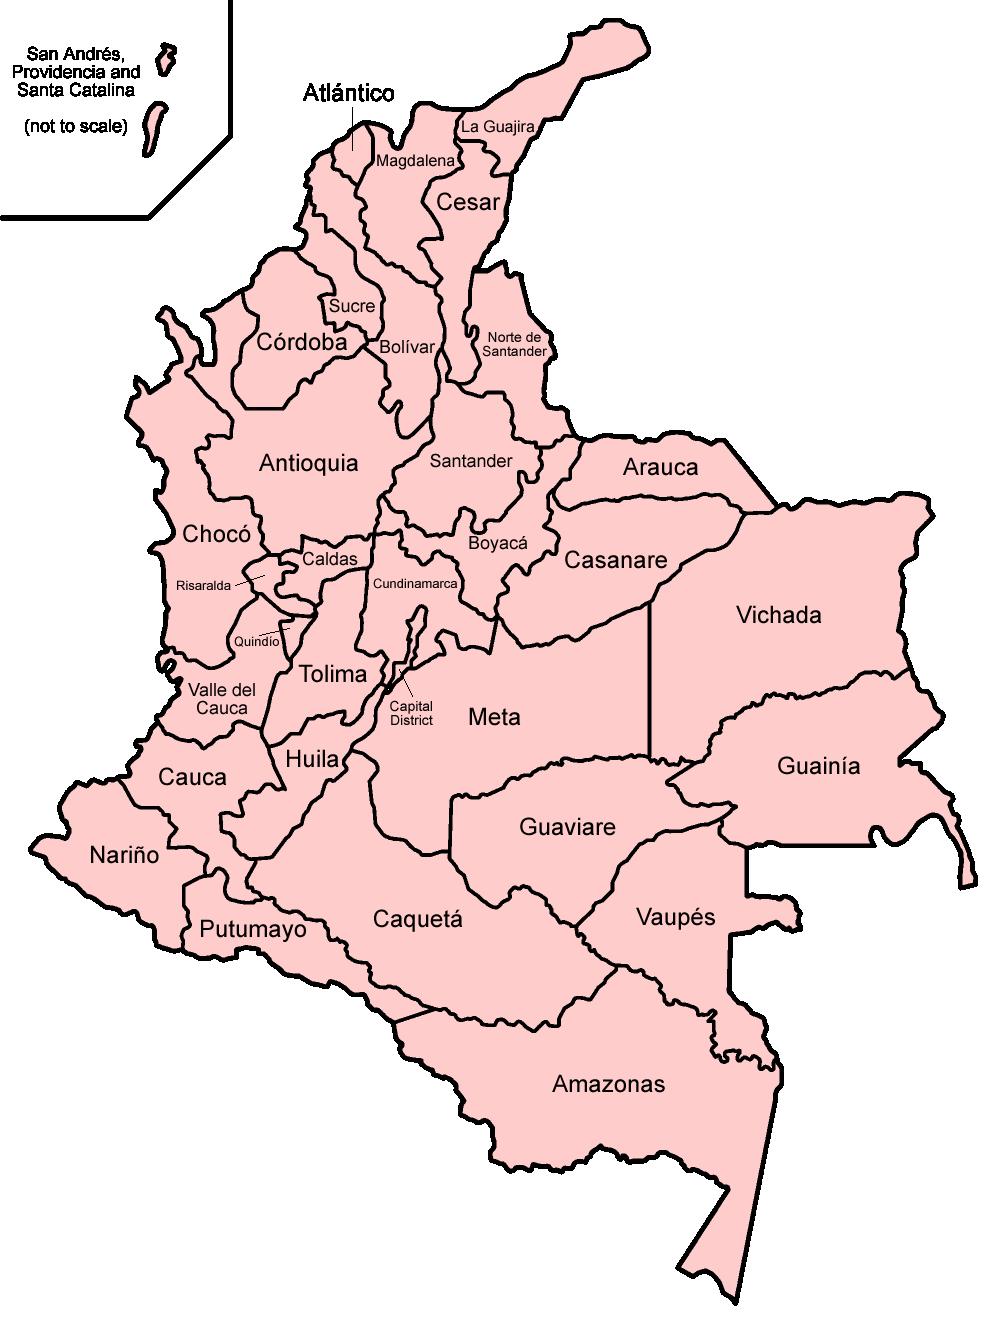 Departamentos de Colombia - Wikipedia, a enciclopedia libre